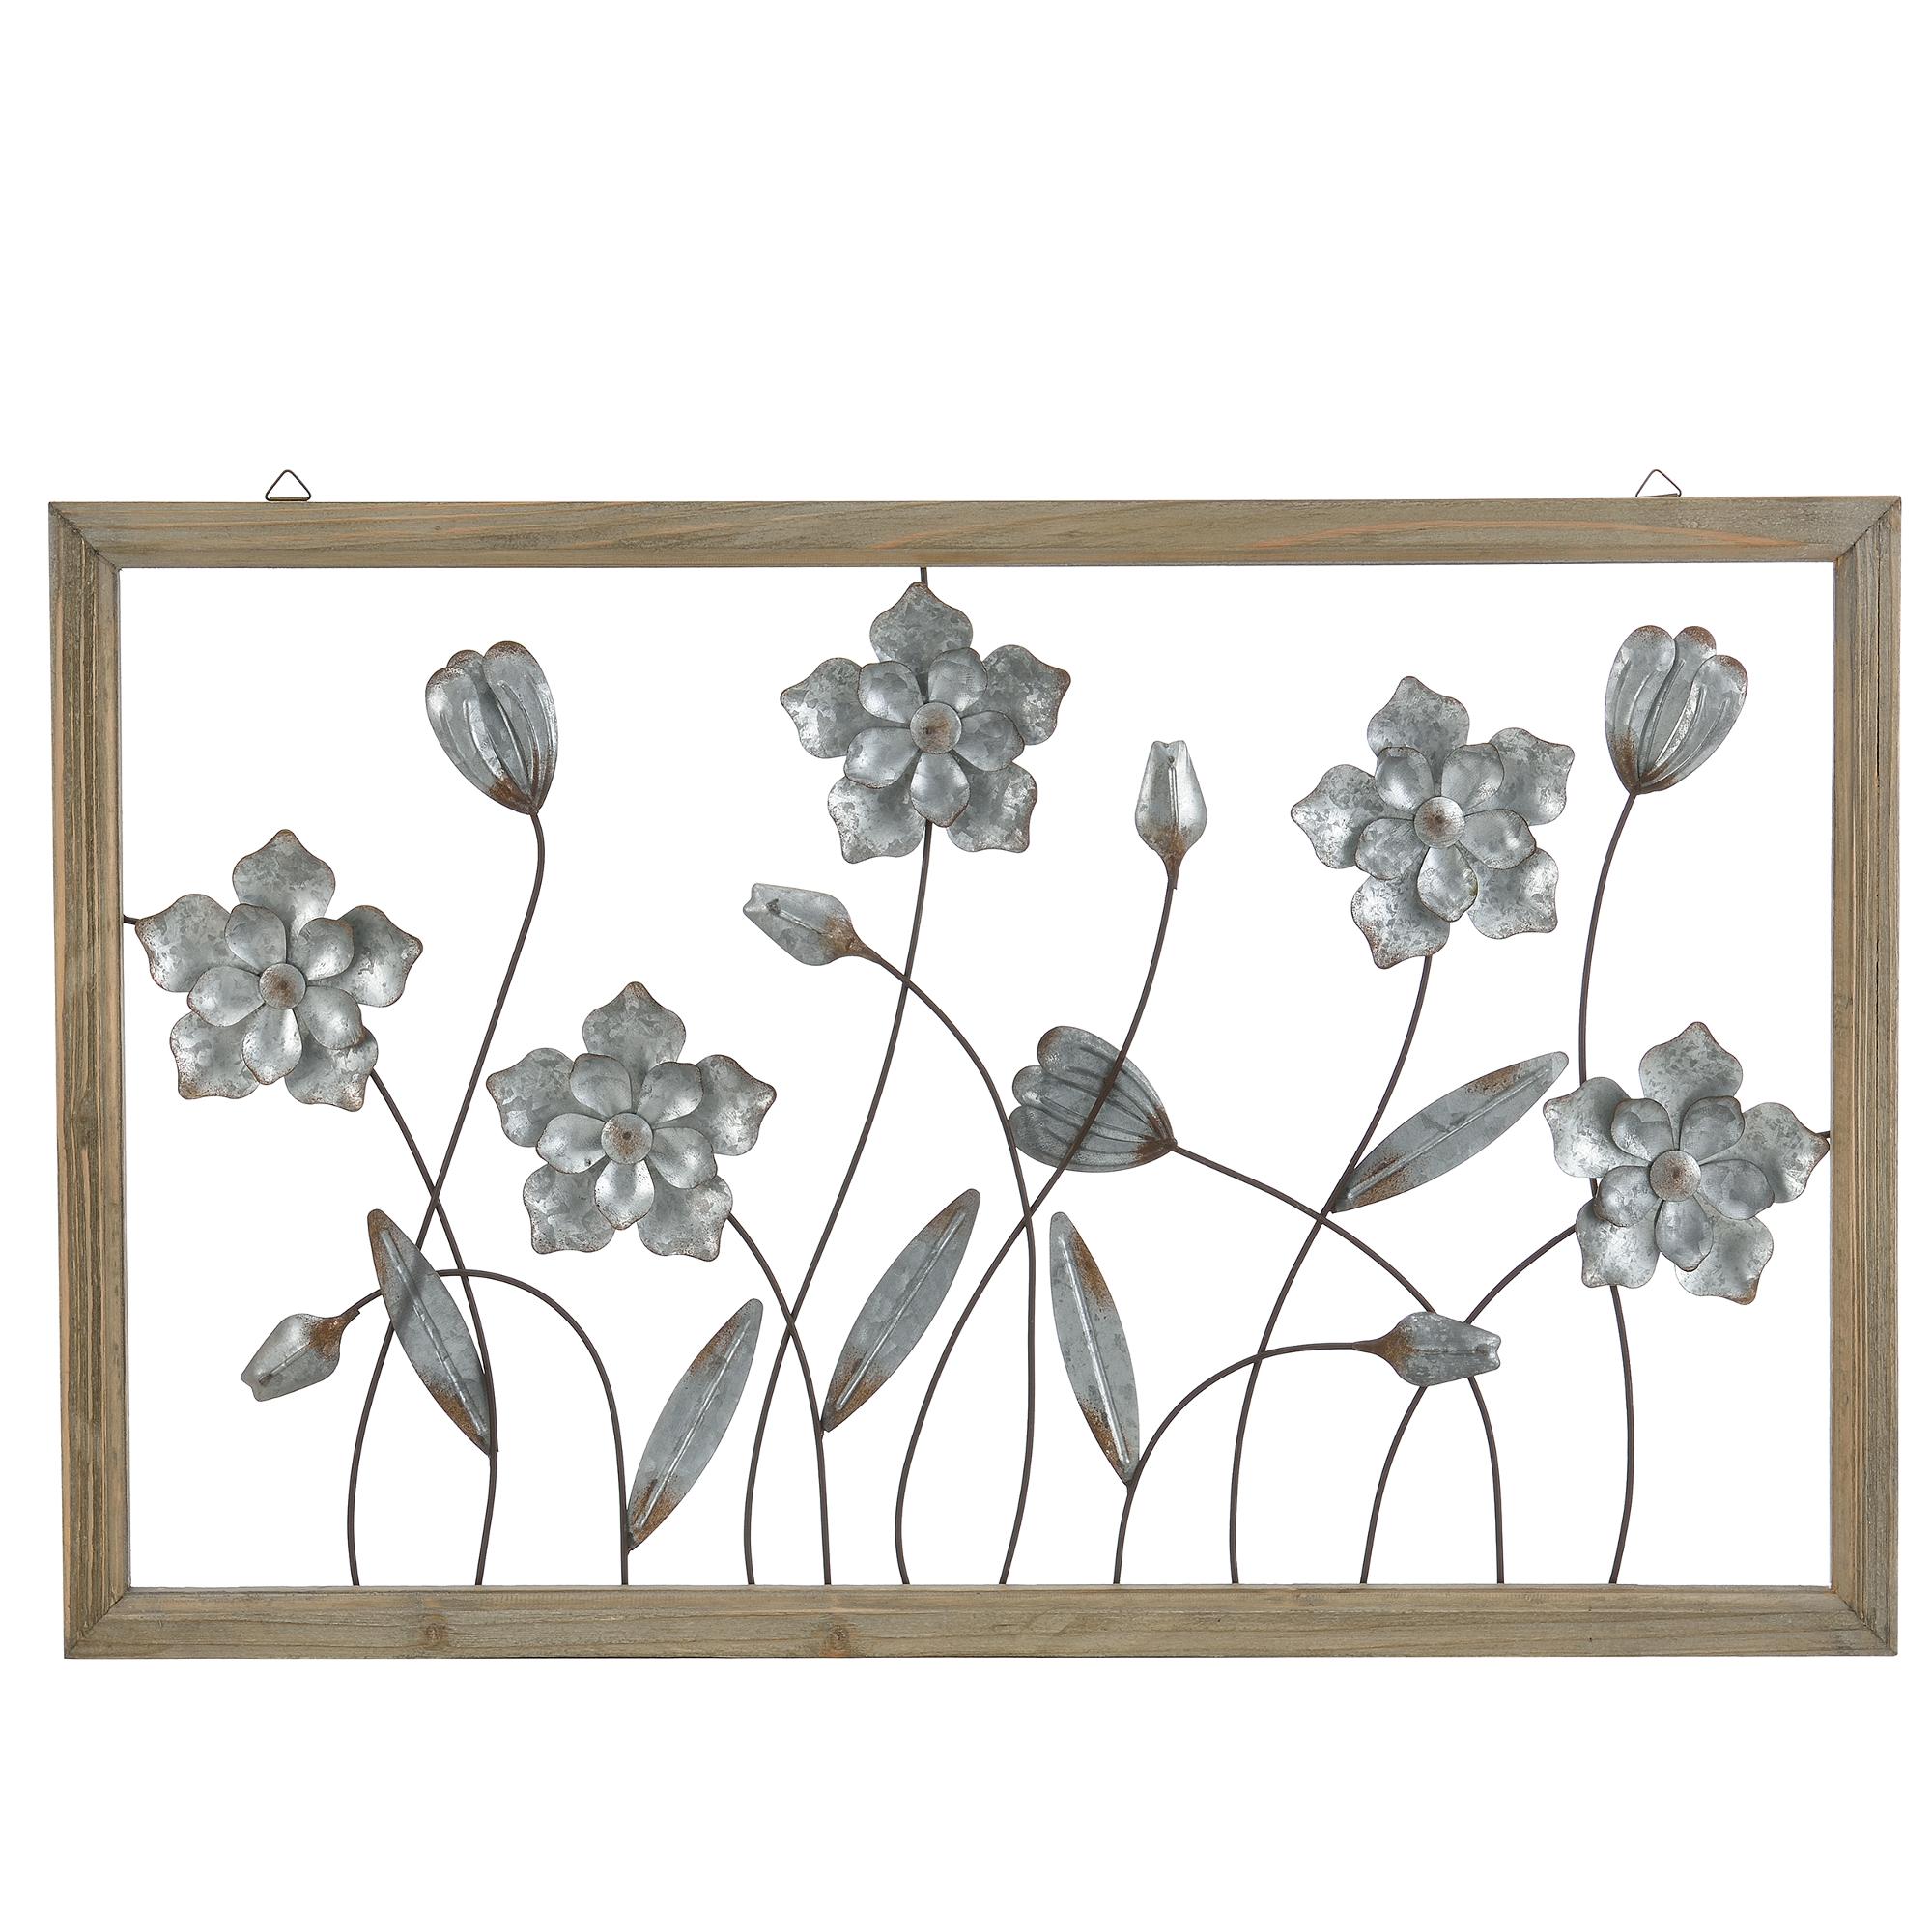 Decoraci n de pared mural prado flores metal for Adornos pared metal